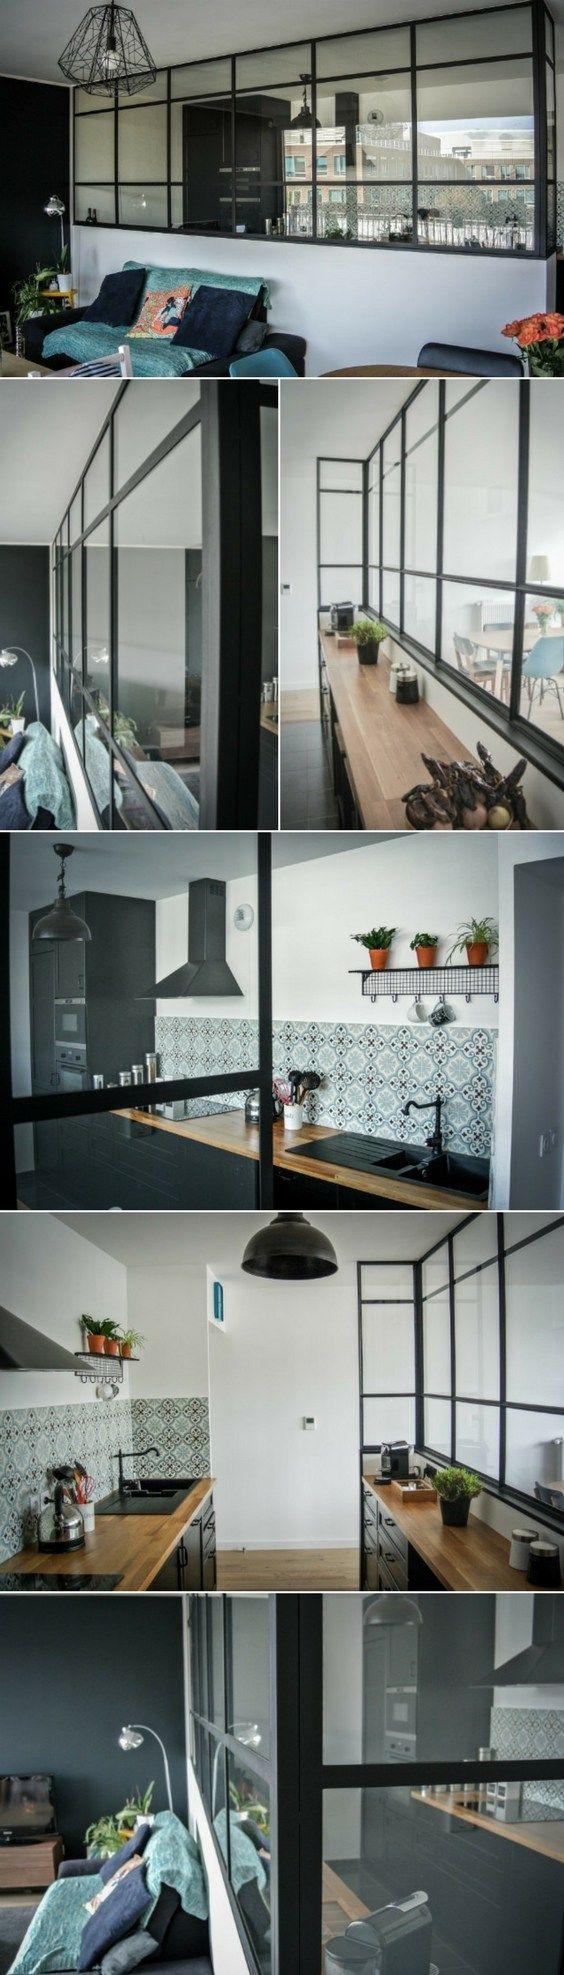 Une verrière intérieure esprit atelier d'artiste pour séparer la cuisine et le salon http://www.homelisty.com/verriere-interieure/